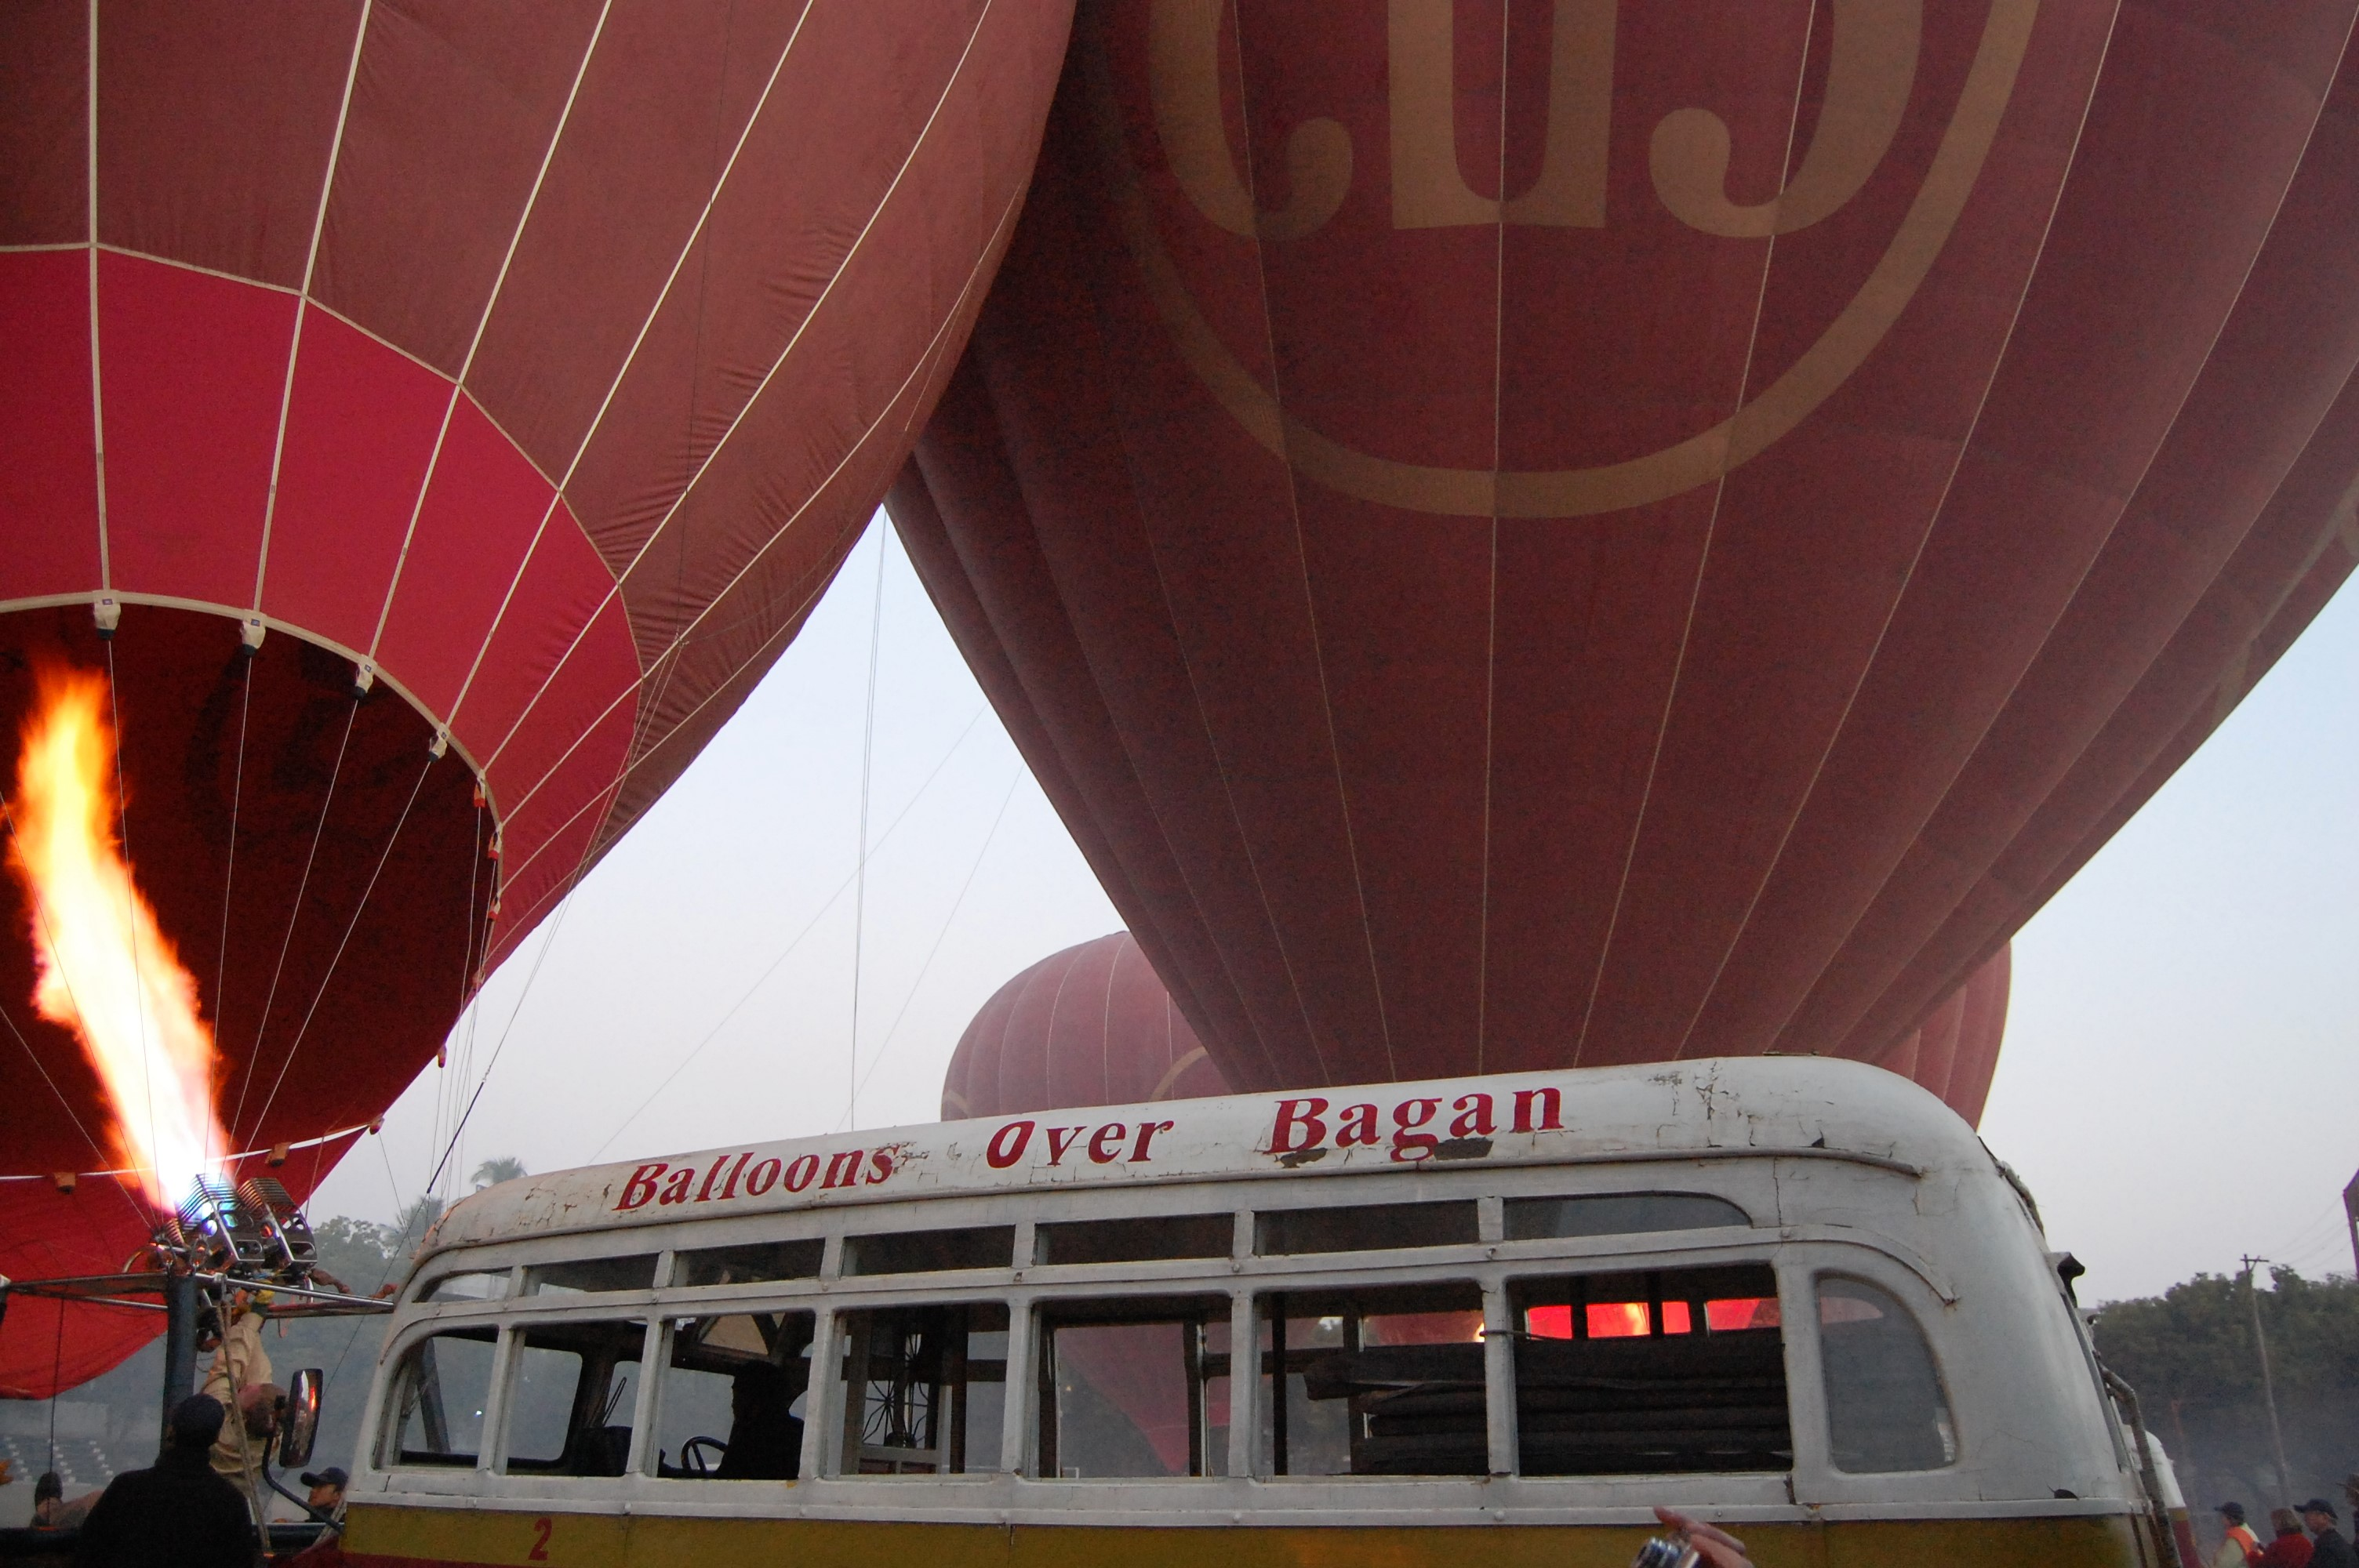 気球に乗って空中遊覧!朝靄に浮かぶバガンの仏塔群が素晴らしい!